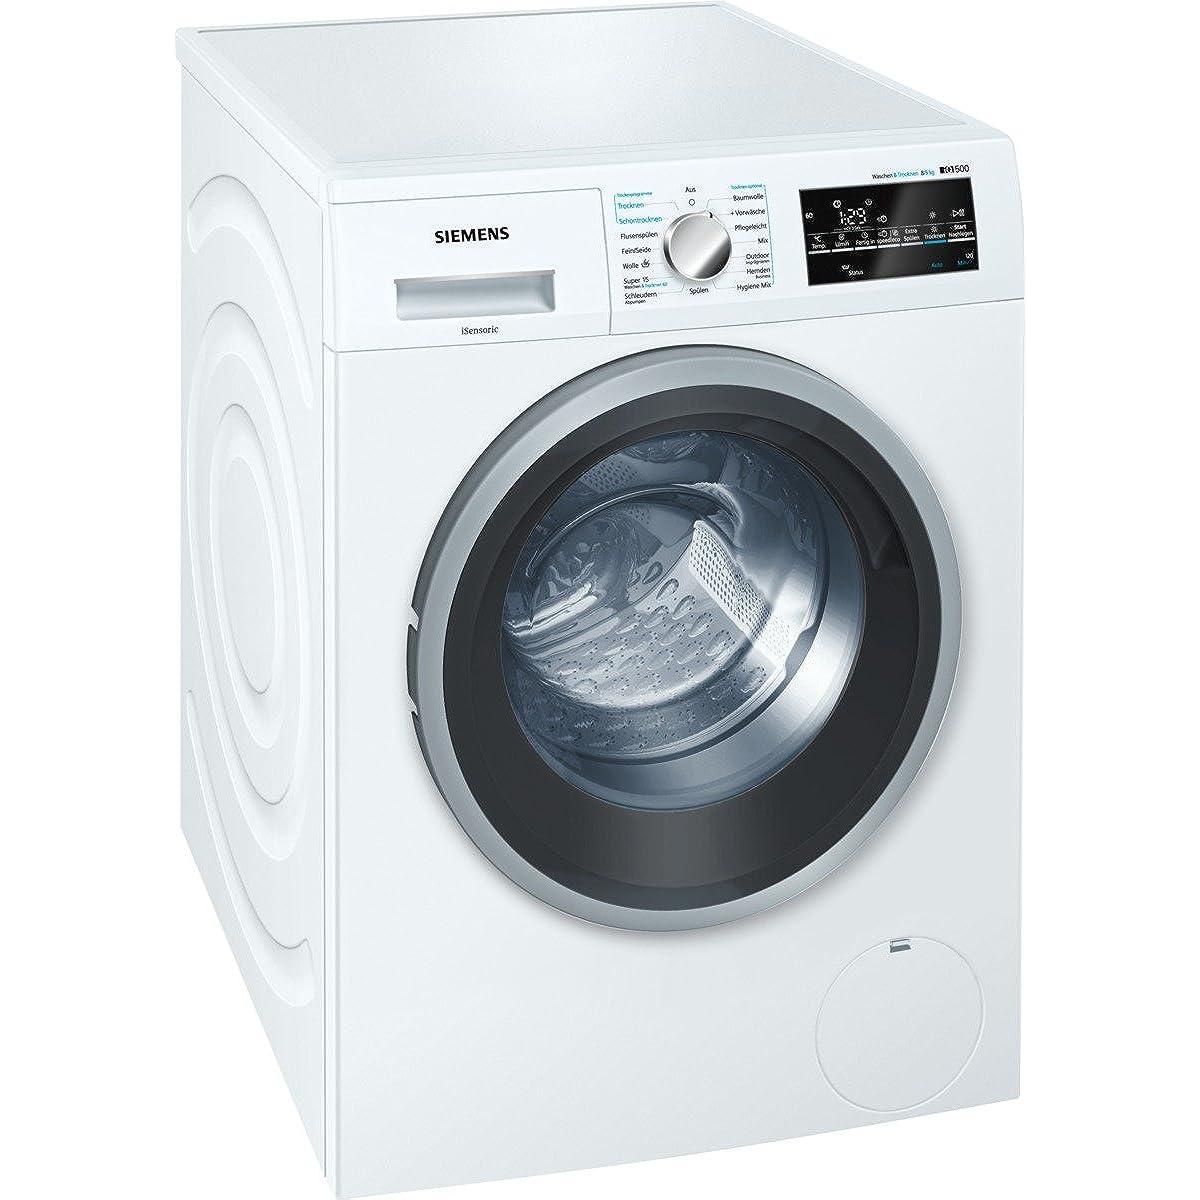 Zu den Top-Geräten auf dem Markt gehören Waschtrockner von Siemens.